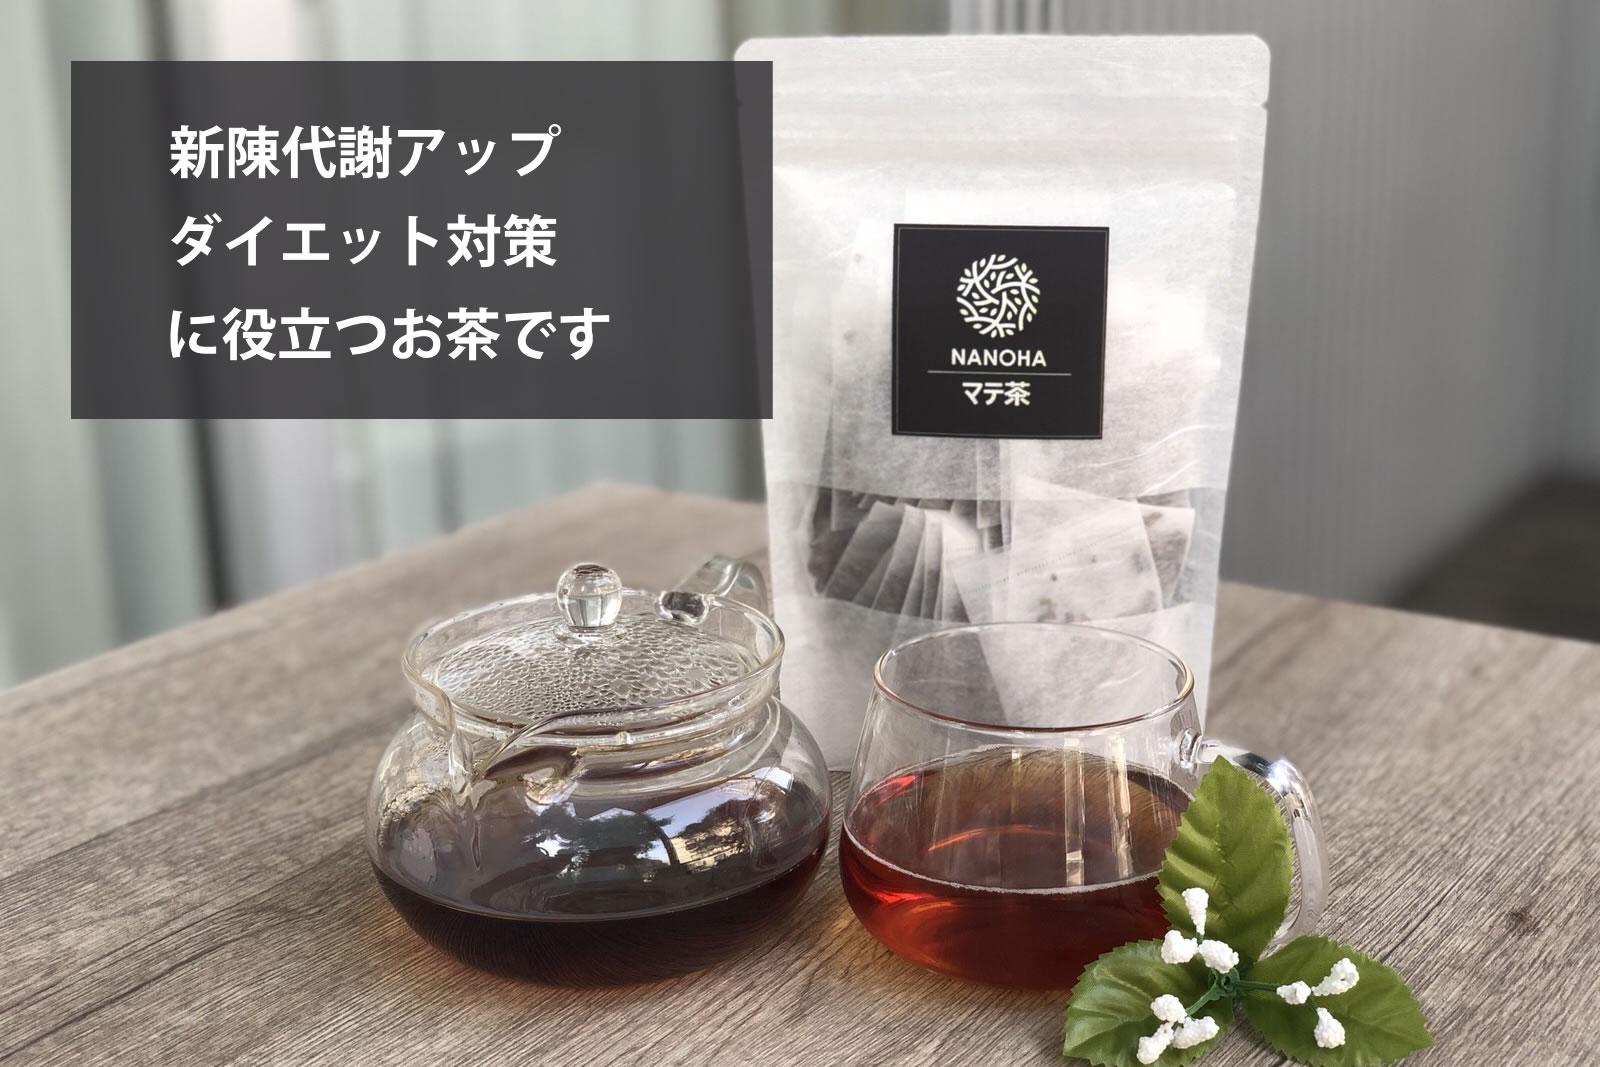 マテ茶の詳細情報